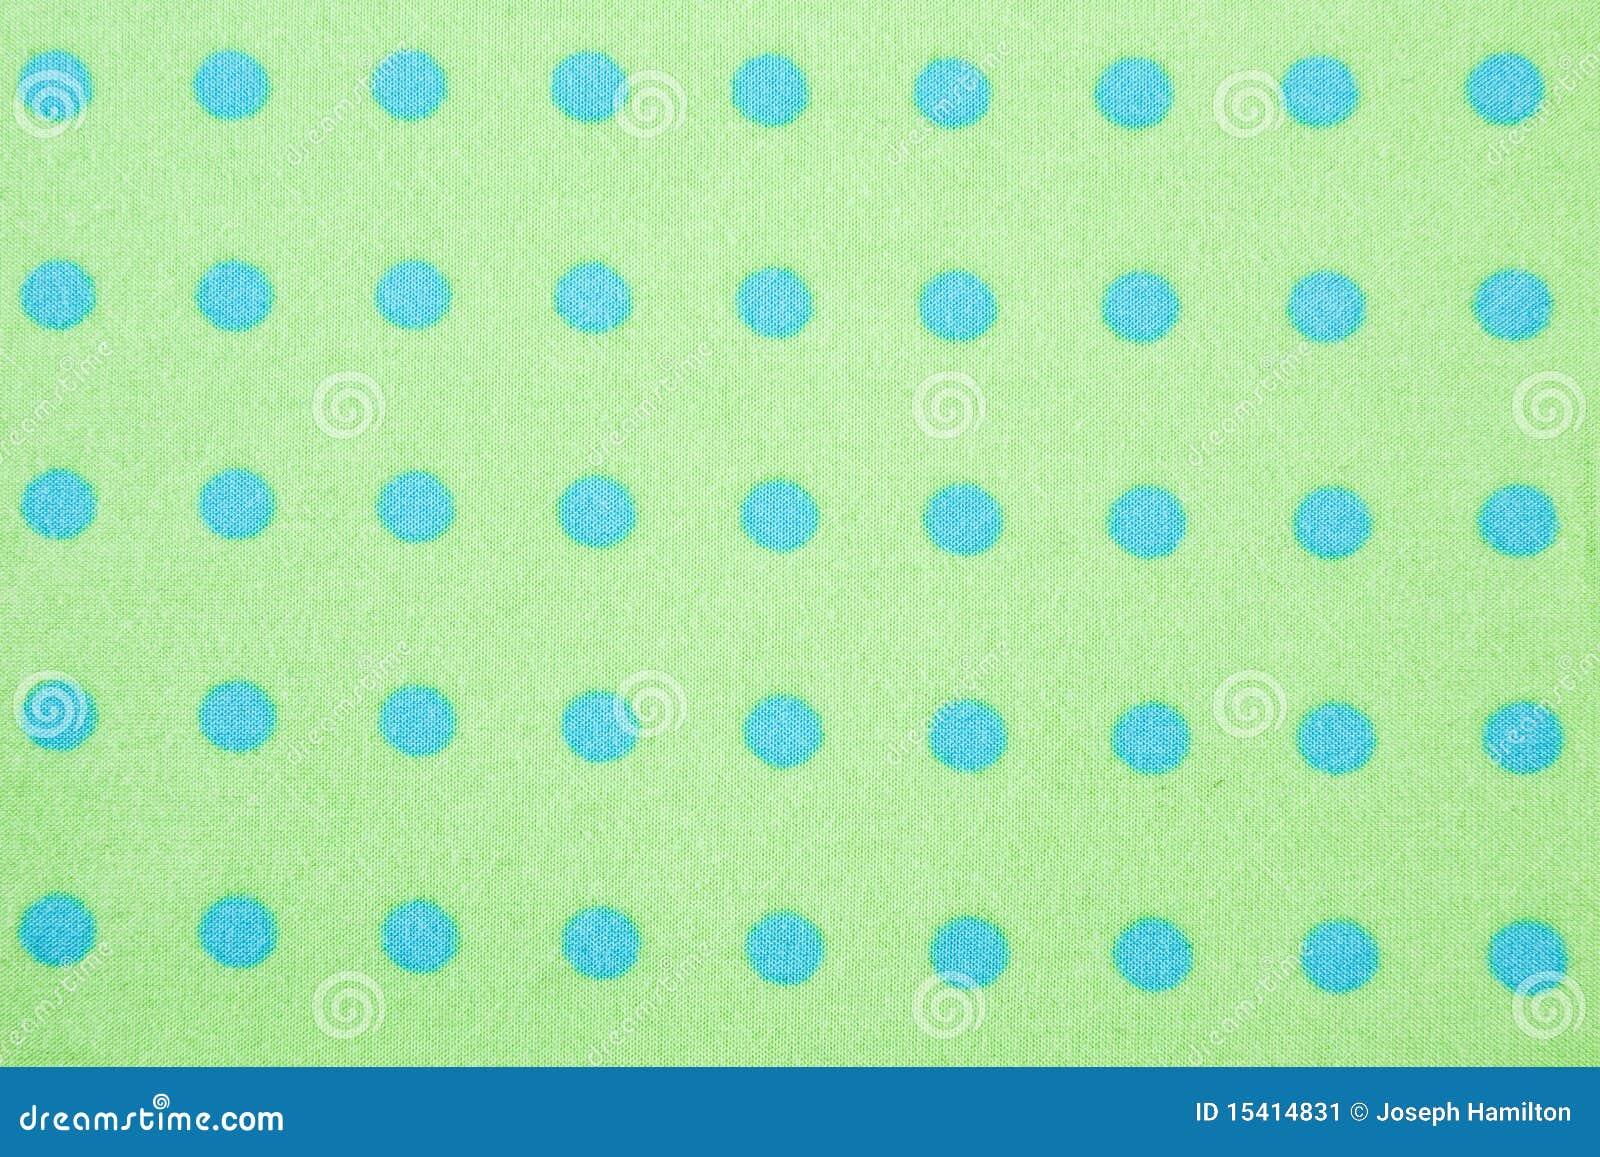 Imagen del enebro de punto azul maduro